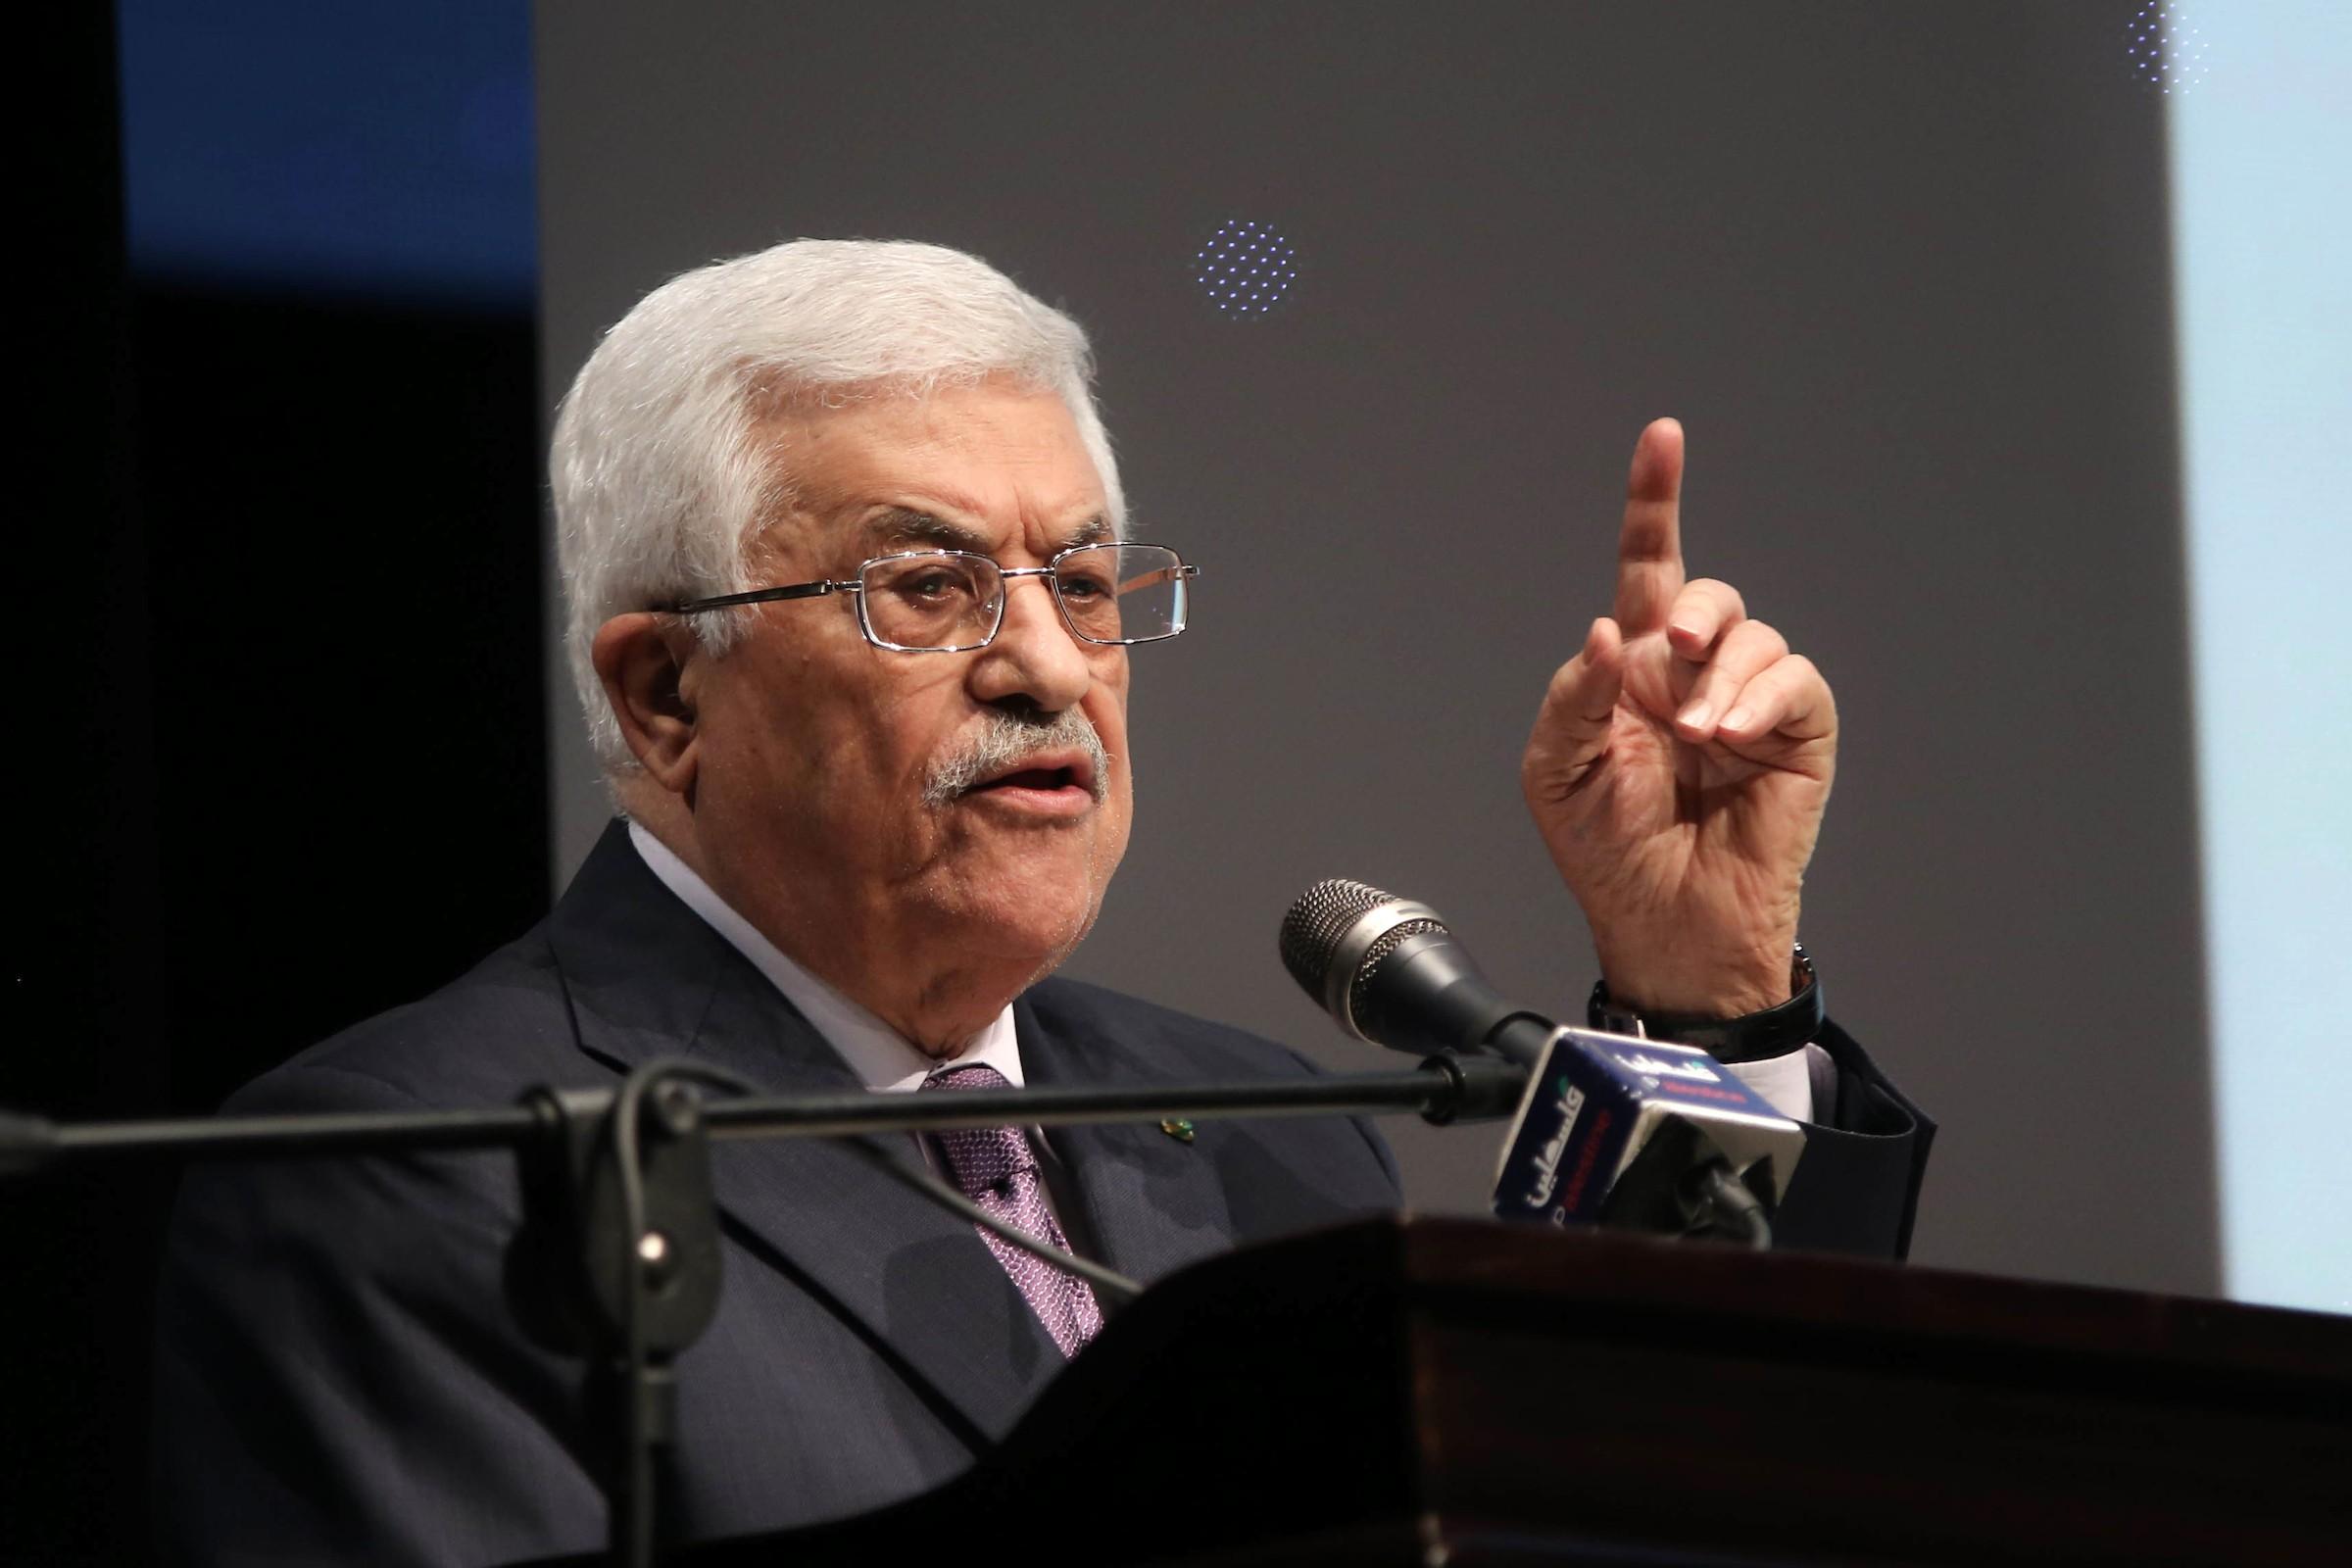 الرئيس يدين التصعيد الإسرائيلي الخطير في قطاع غزة